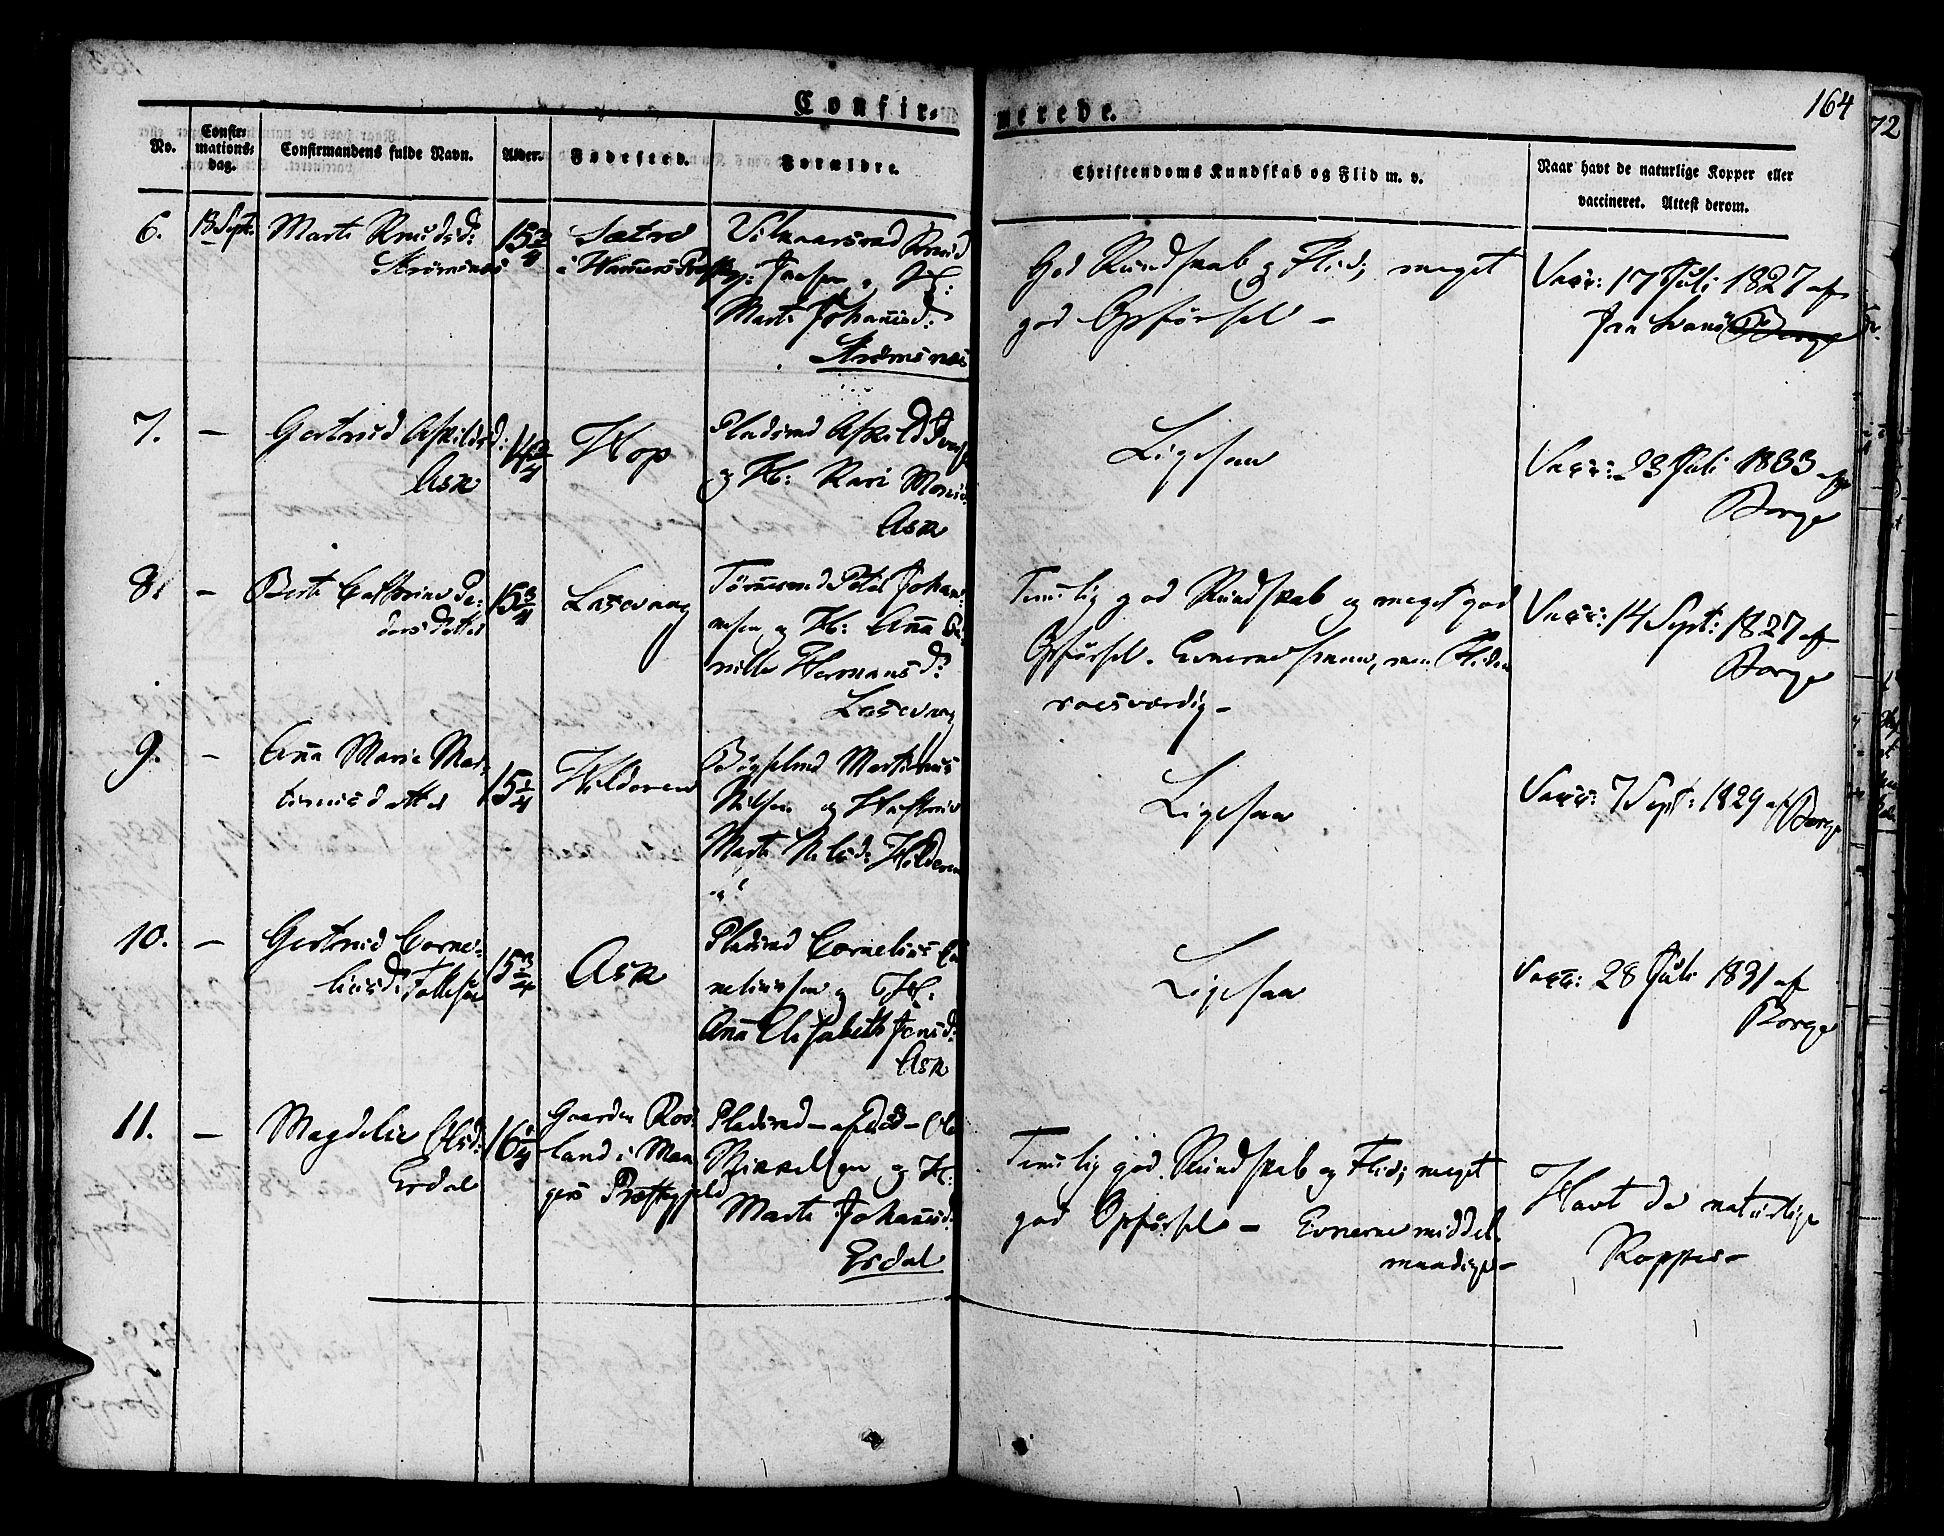 SAB, Askøy Sokneprestembete, H/Ha/Haa/Haaa/L0004: Parish register (official) no. A 4, 1825-1845, p. 164